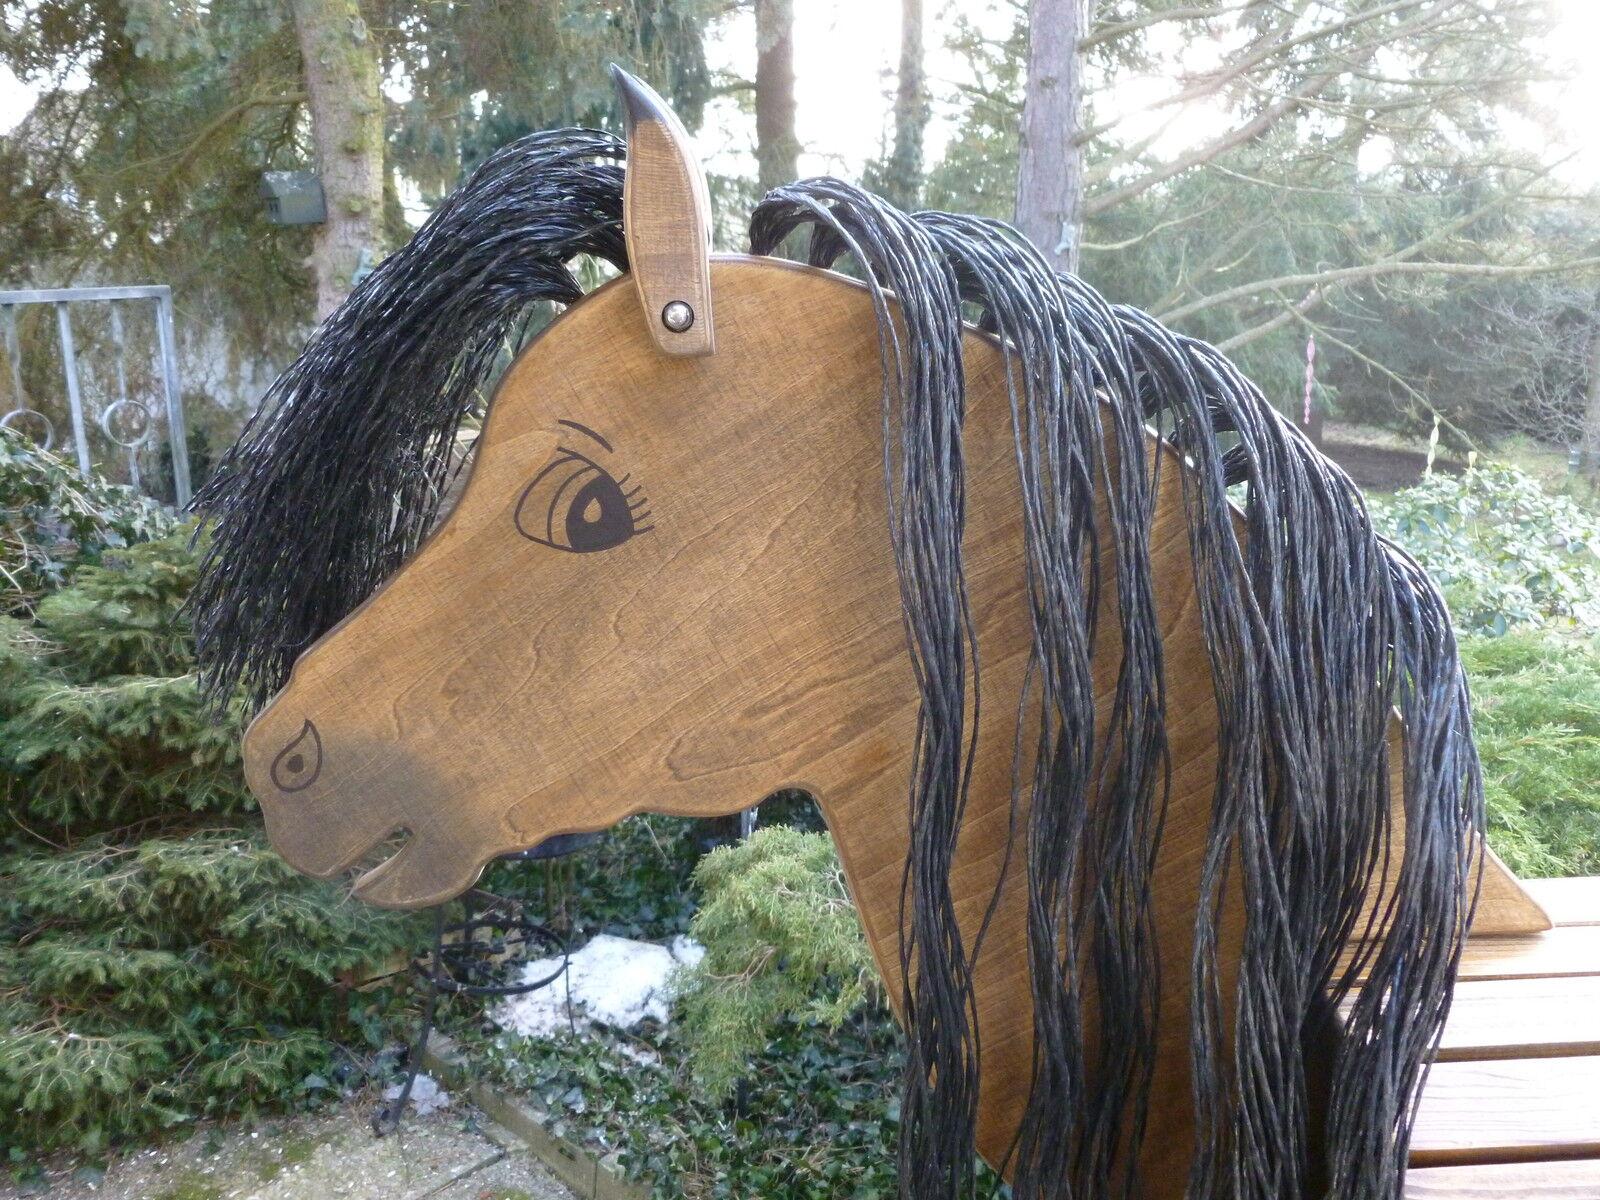 100cm Holzpferd Holzpony Voltigierpferd Spielpferd Pferd Pony mit Maul Maul Maul  NEU 8586a9